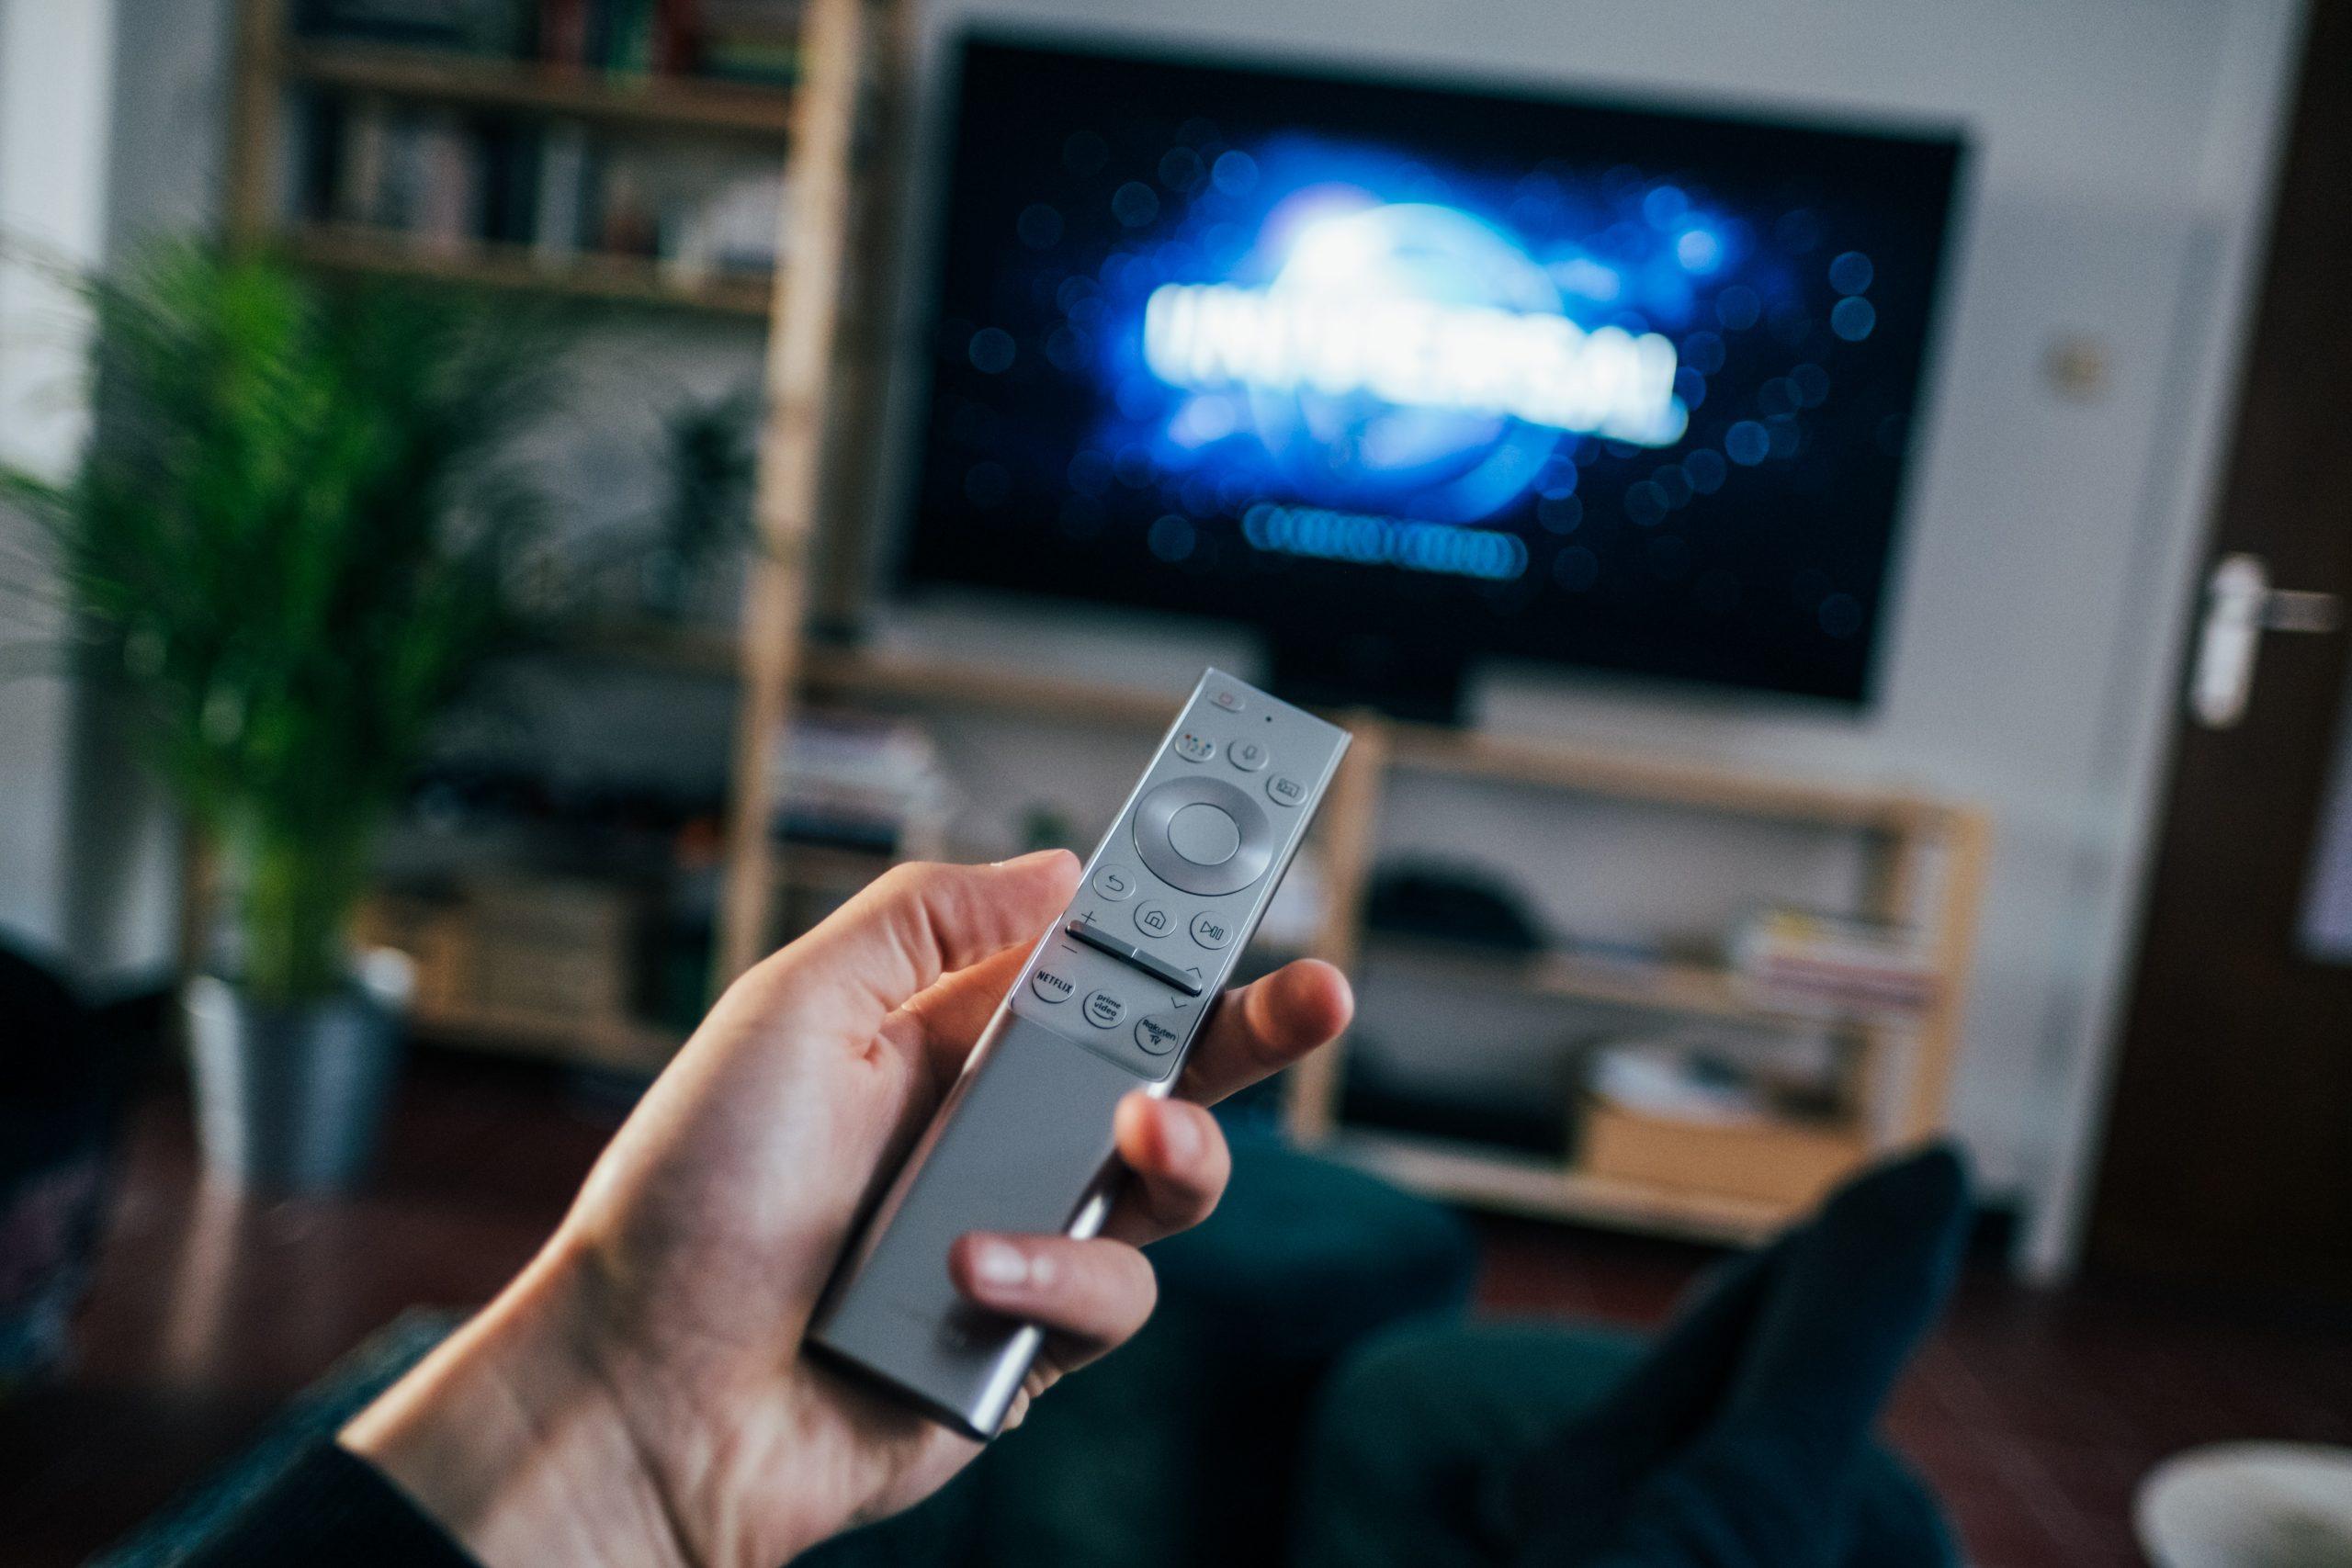 controle remoto apontado para uma televisão